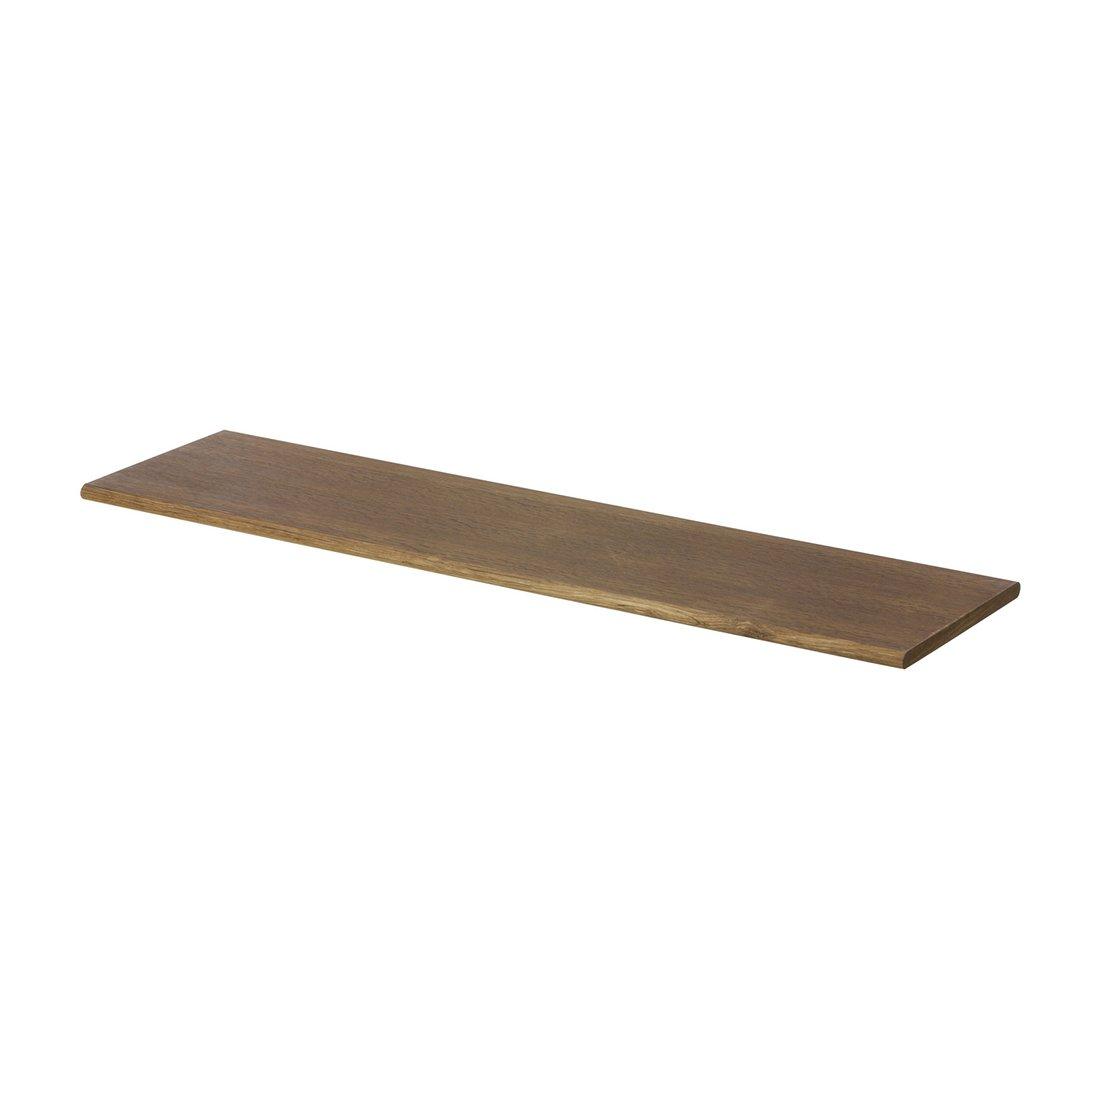 Shelf Wandplank Smoked Oak - Ferm Living